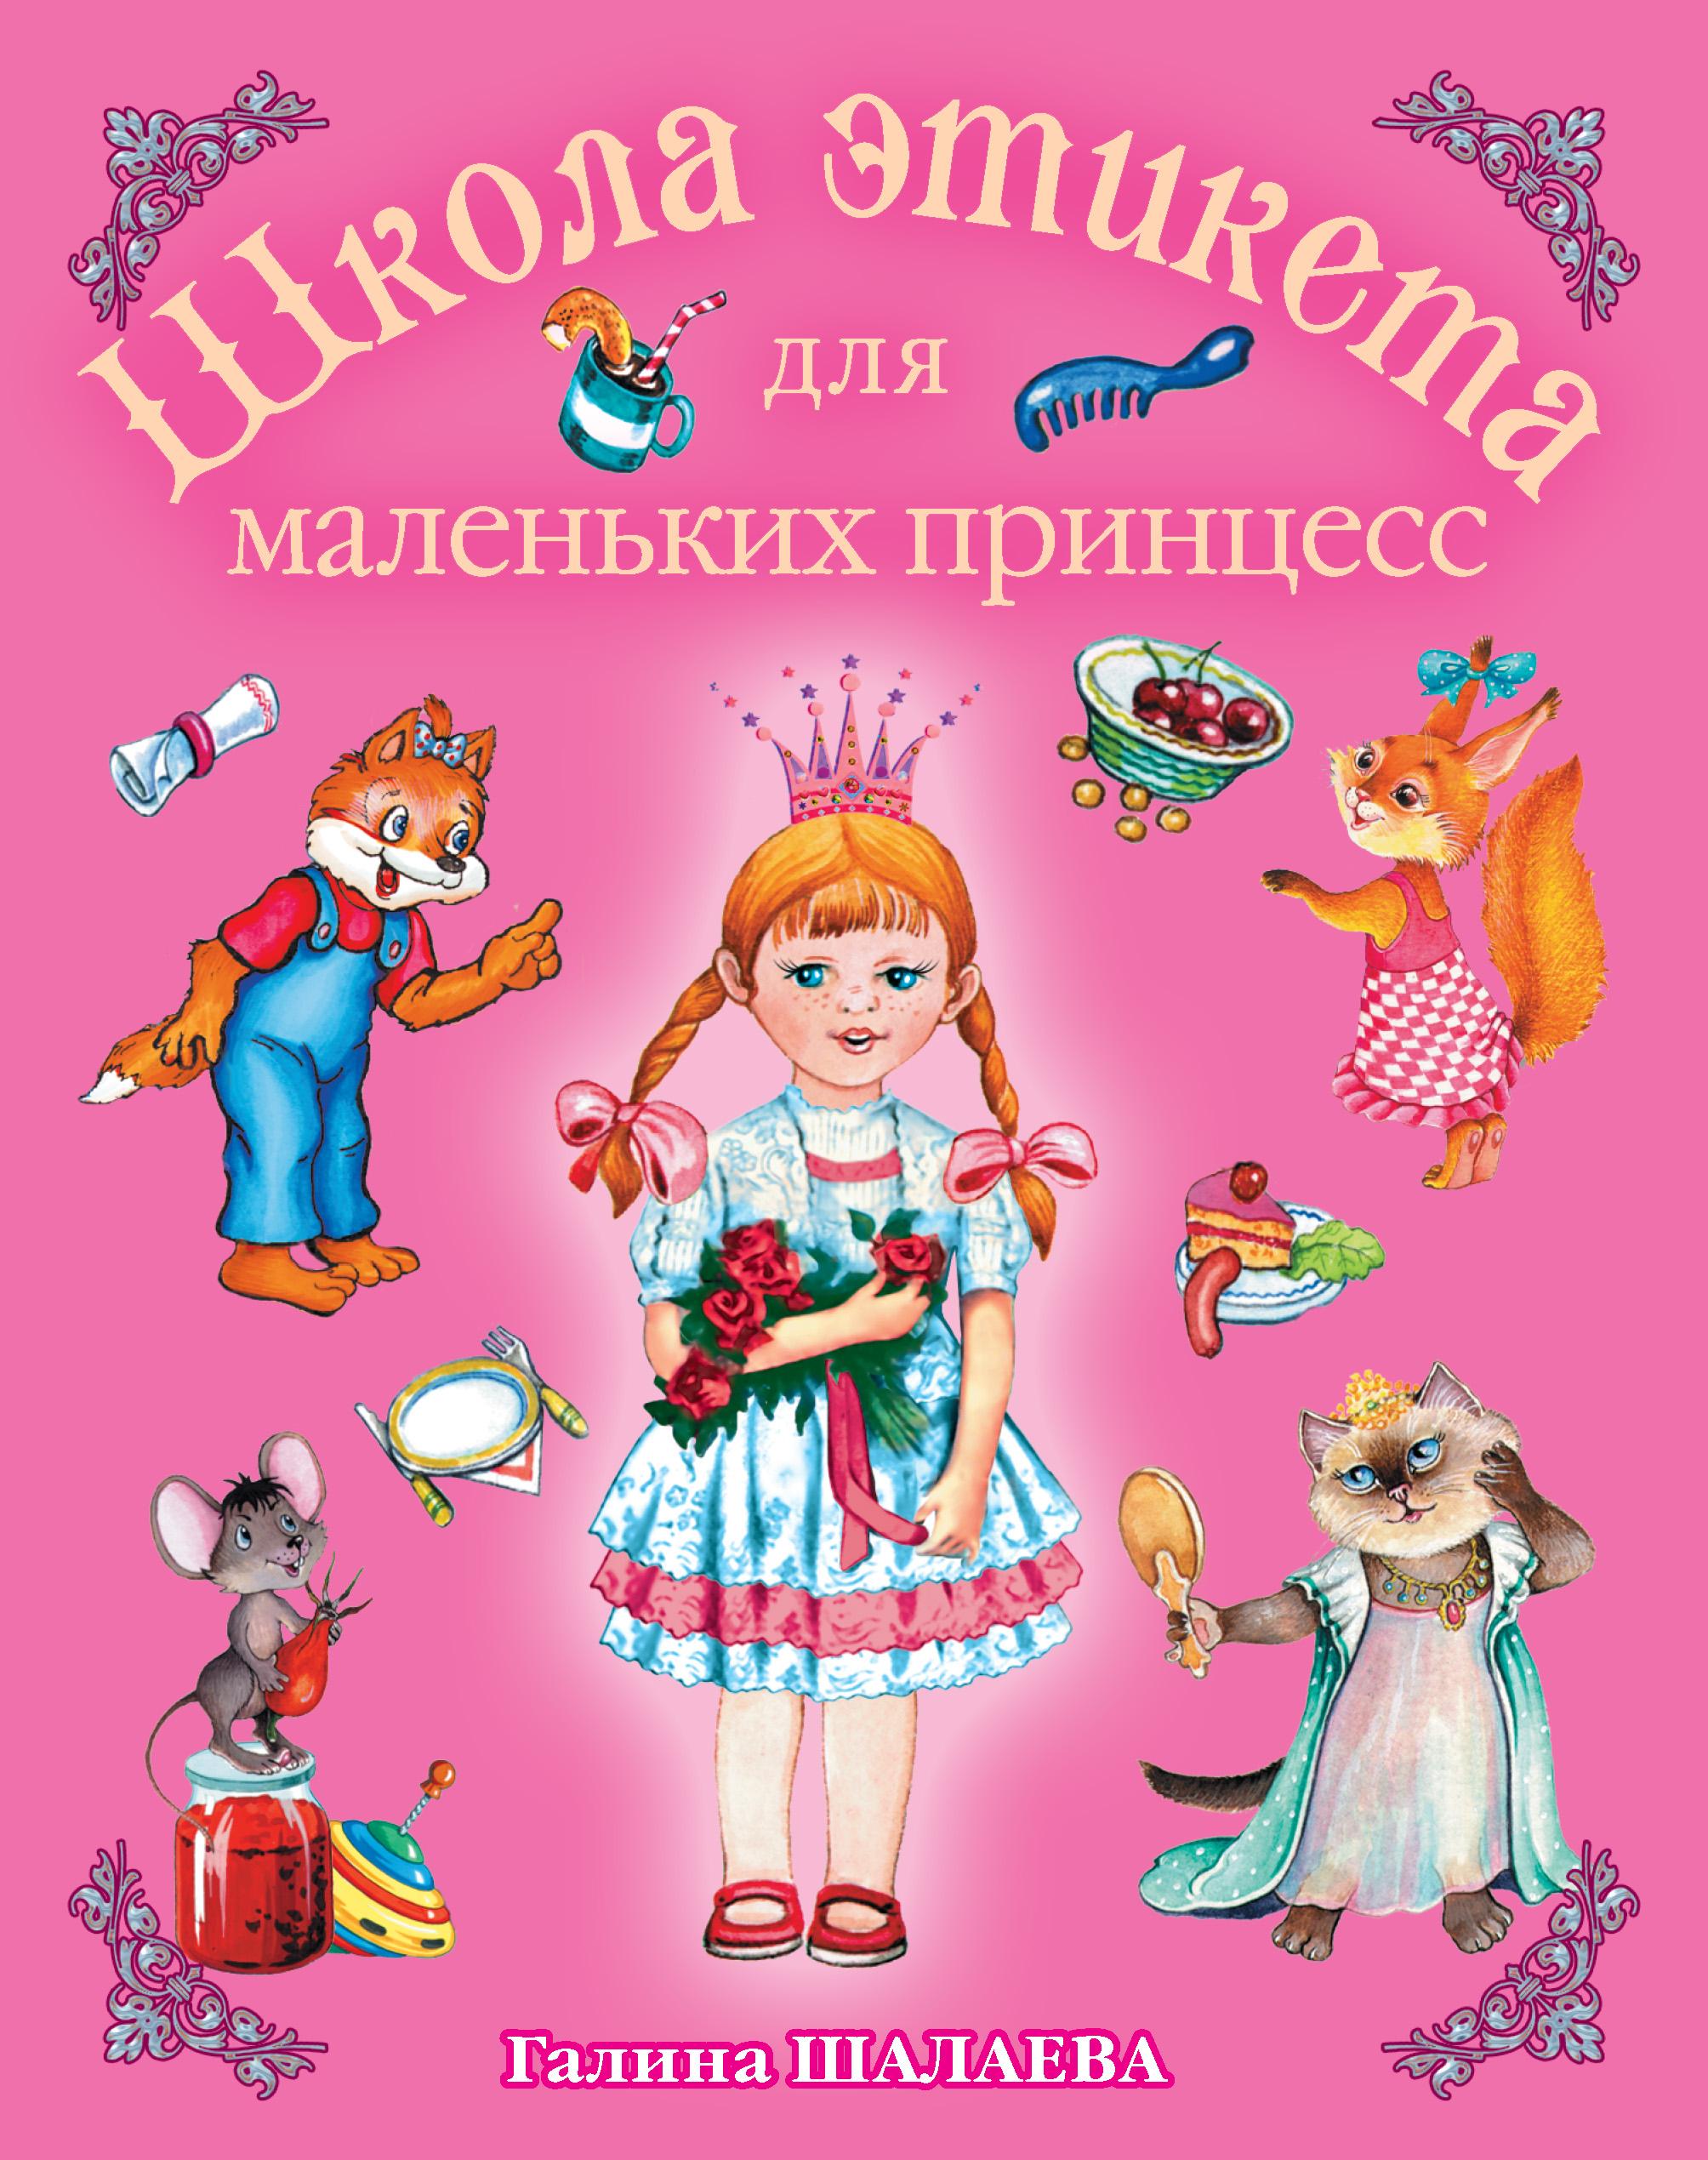 Г. П. Шалаева Школа этикета для маленьких принцесс контейнер для йогурта to go 150 мл 7 4х13 7 см 2шт 21466 sistema